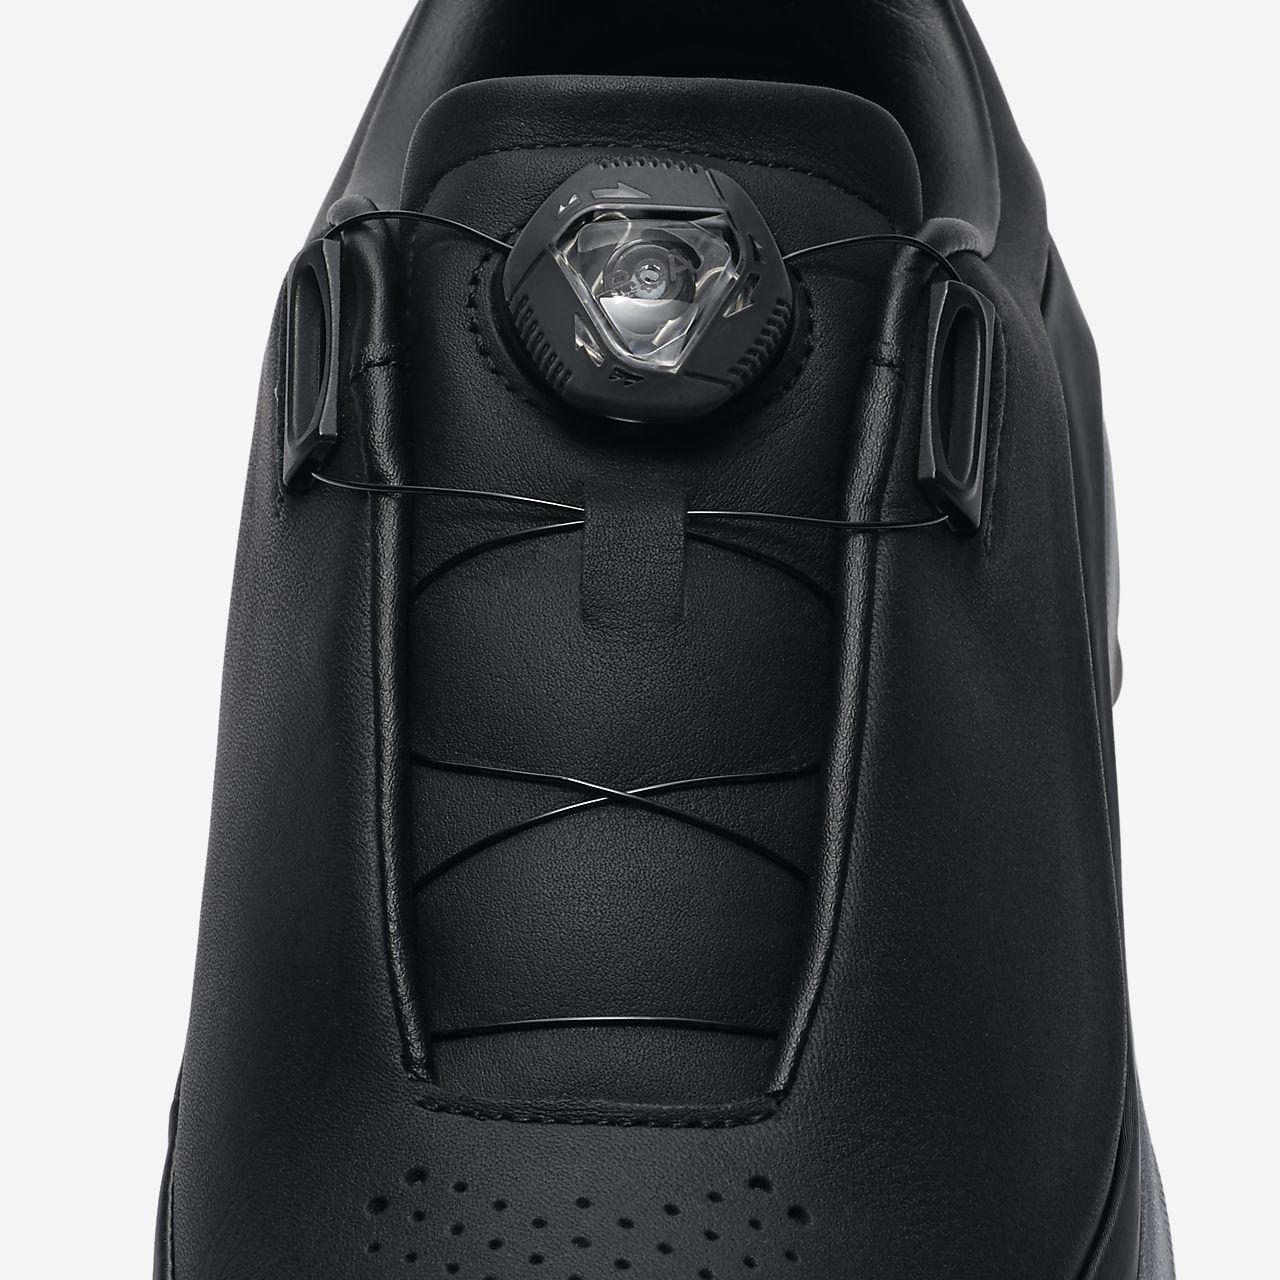 official photos 883b2 037bb Scarpa da golf Nike Air Zoom Precision BOA ® - Uomo. Nike.com IT